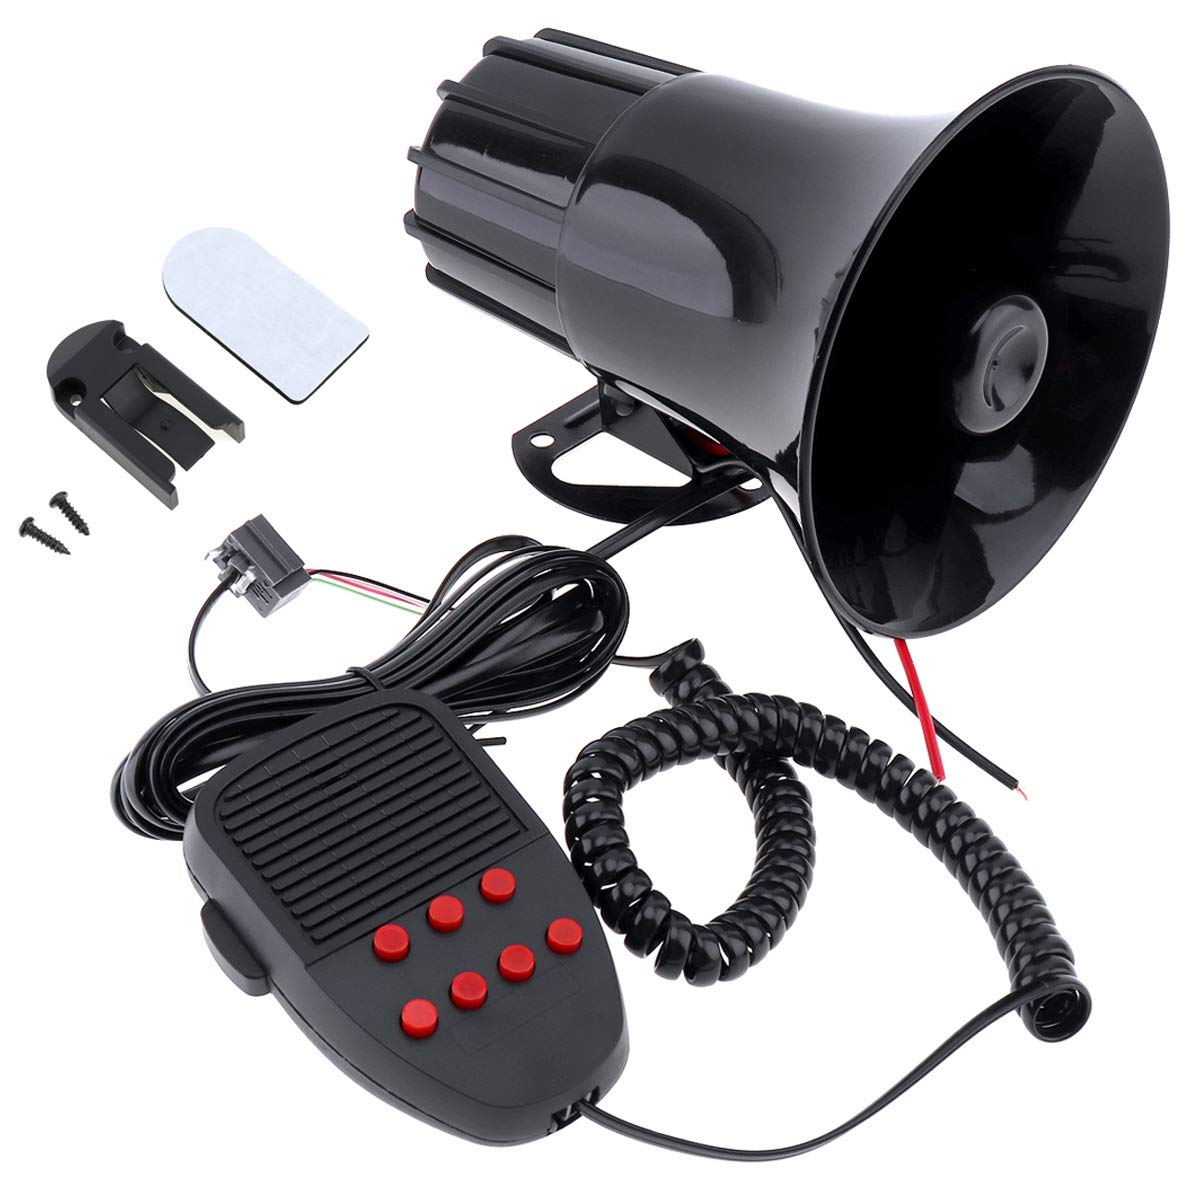 Monland 100 Watt 12 V 7 Ton Auto LKW Lautsprecher Alarm Alarm Polizei Feuer Sirene Horn Lauter Ton 105Db Mit Mikrofon Mikrofon